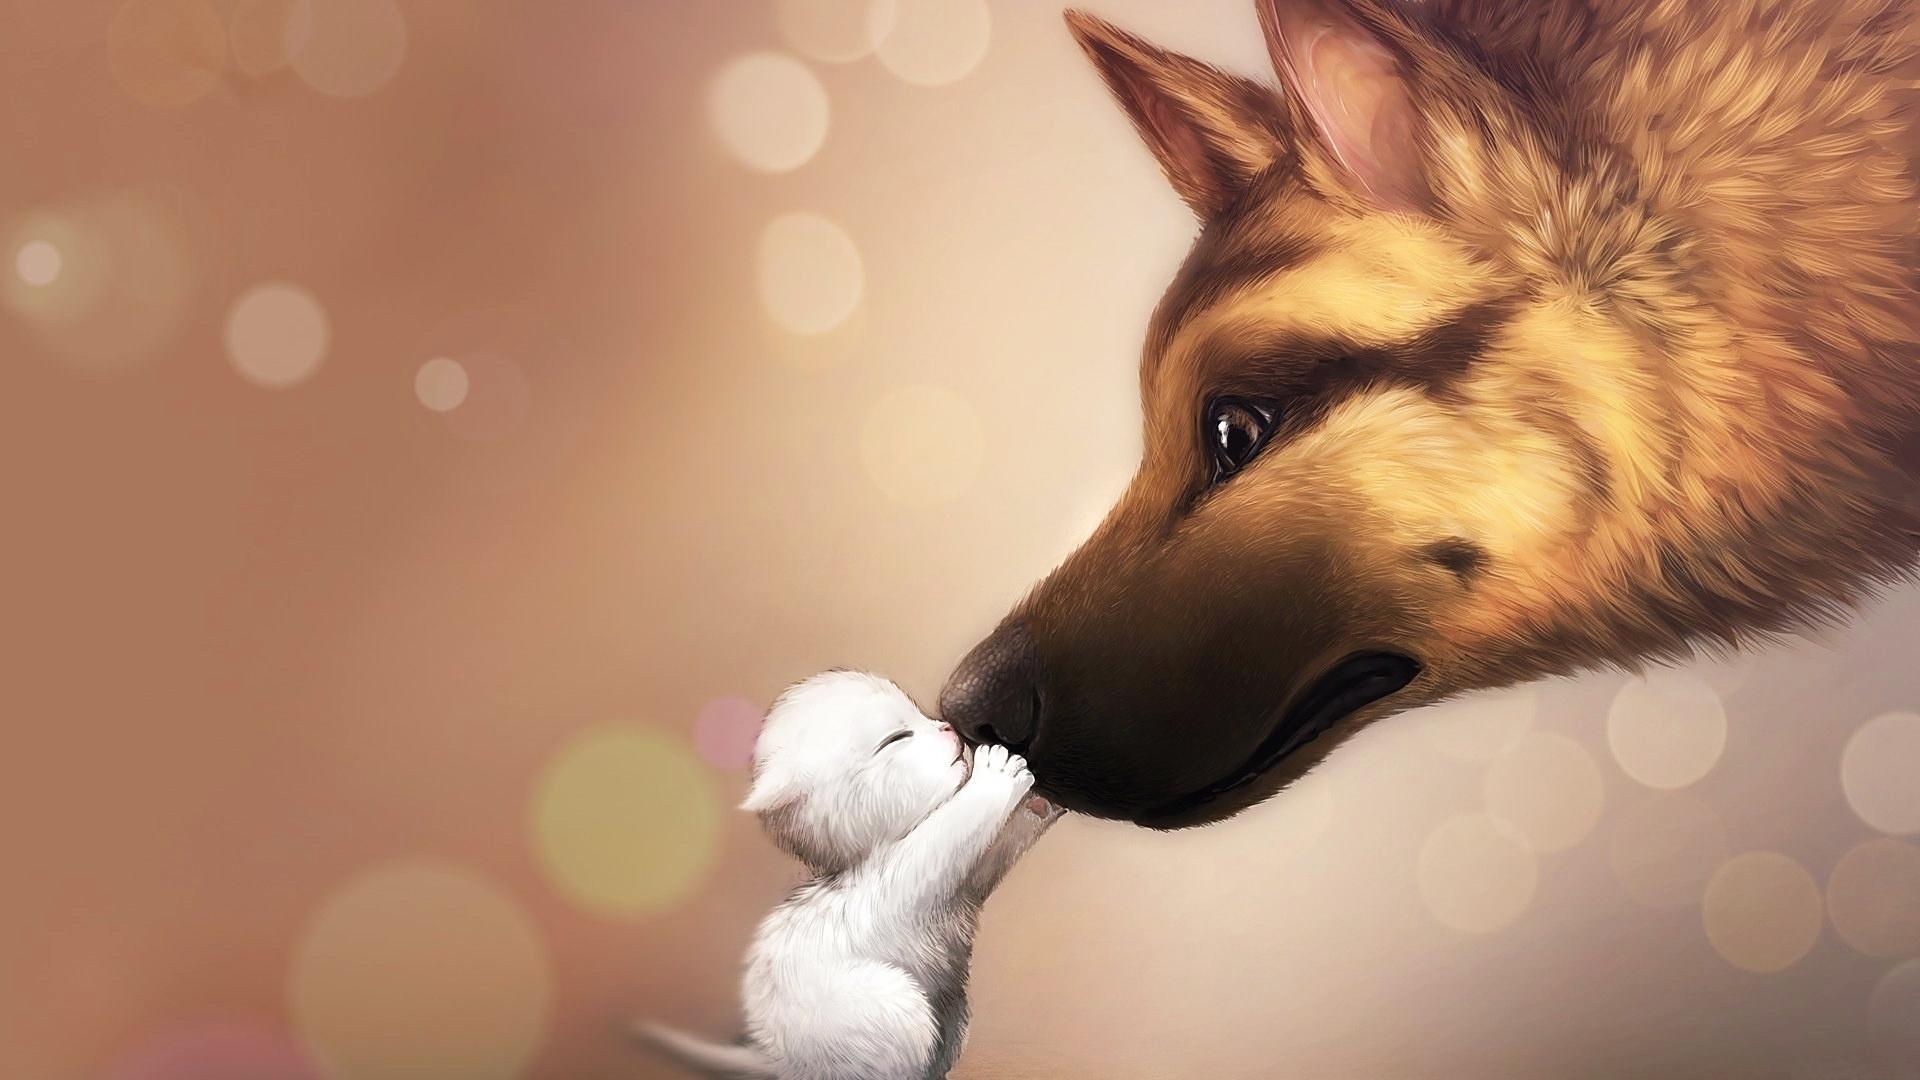 Baixar papel de parede para celular de Cães, Imagens, Animais, Gatos gratuito.